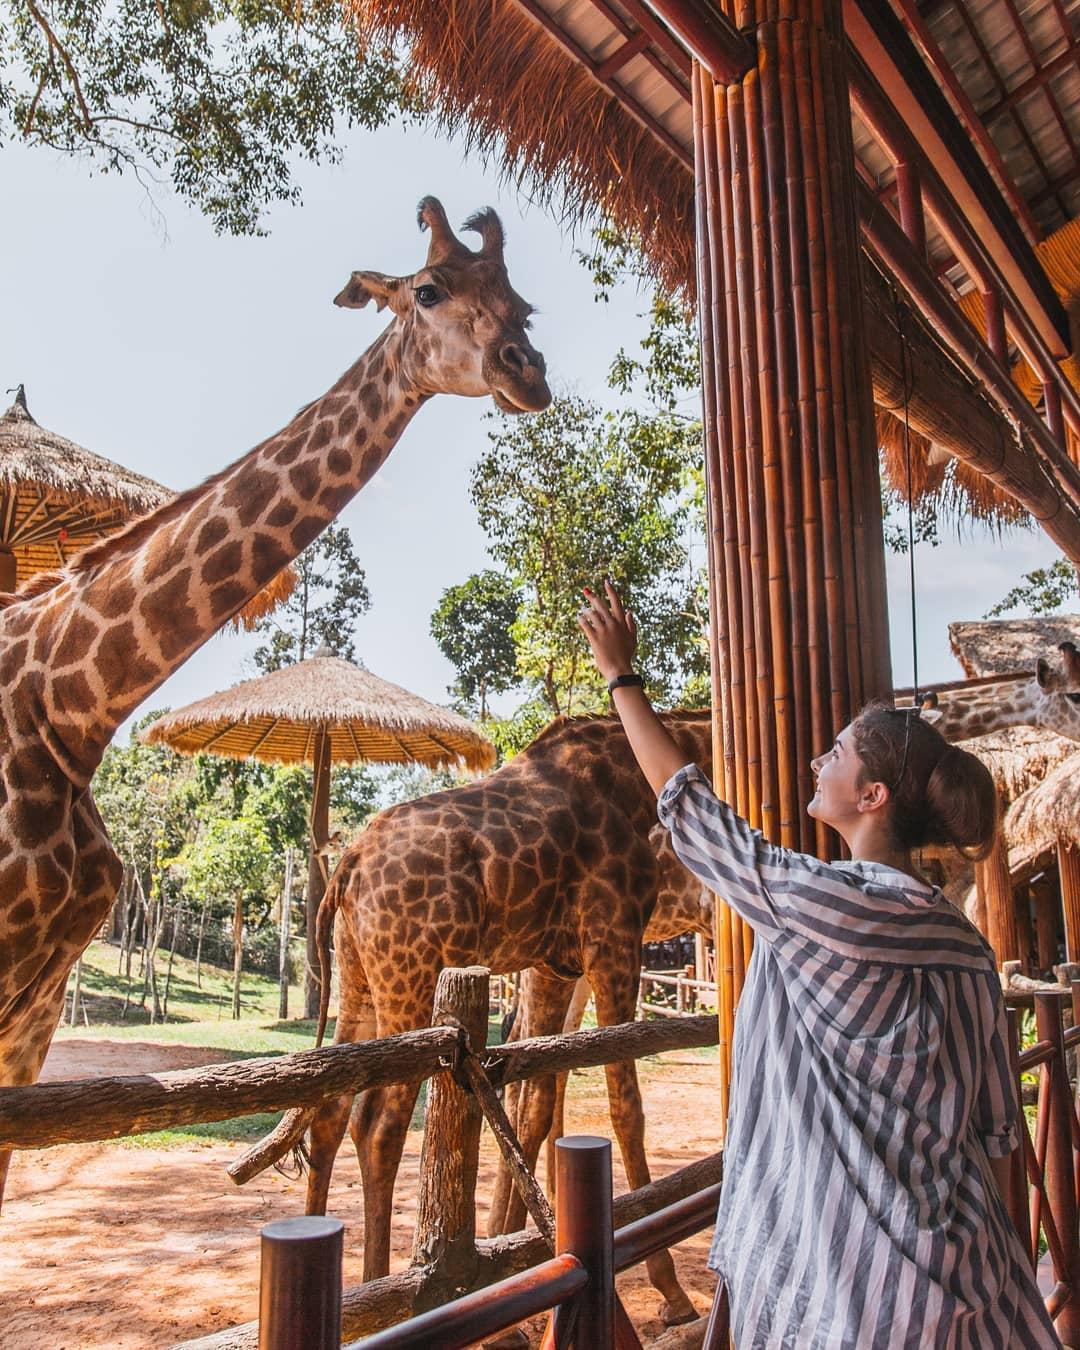 safari phu quoc anna_chernigova_